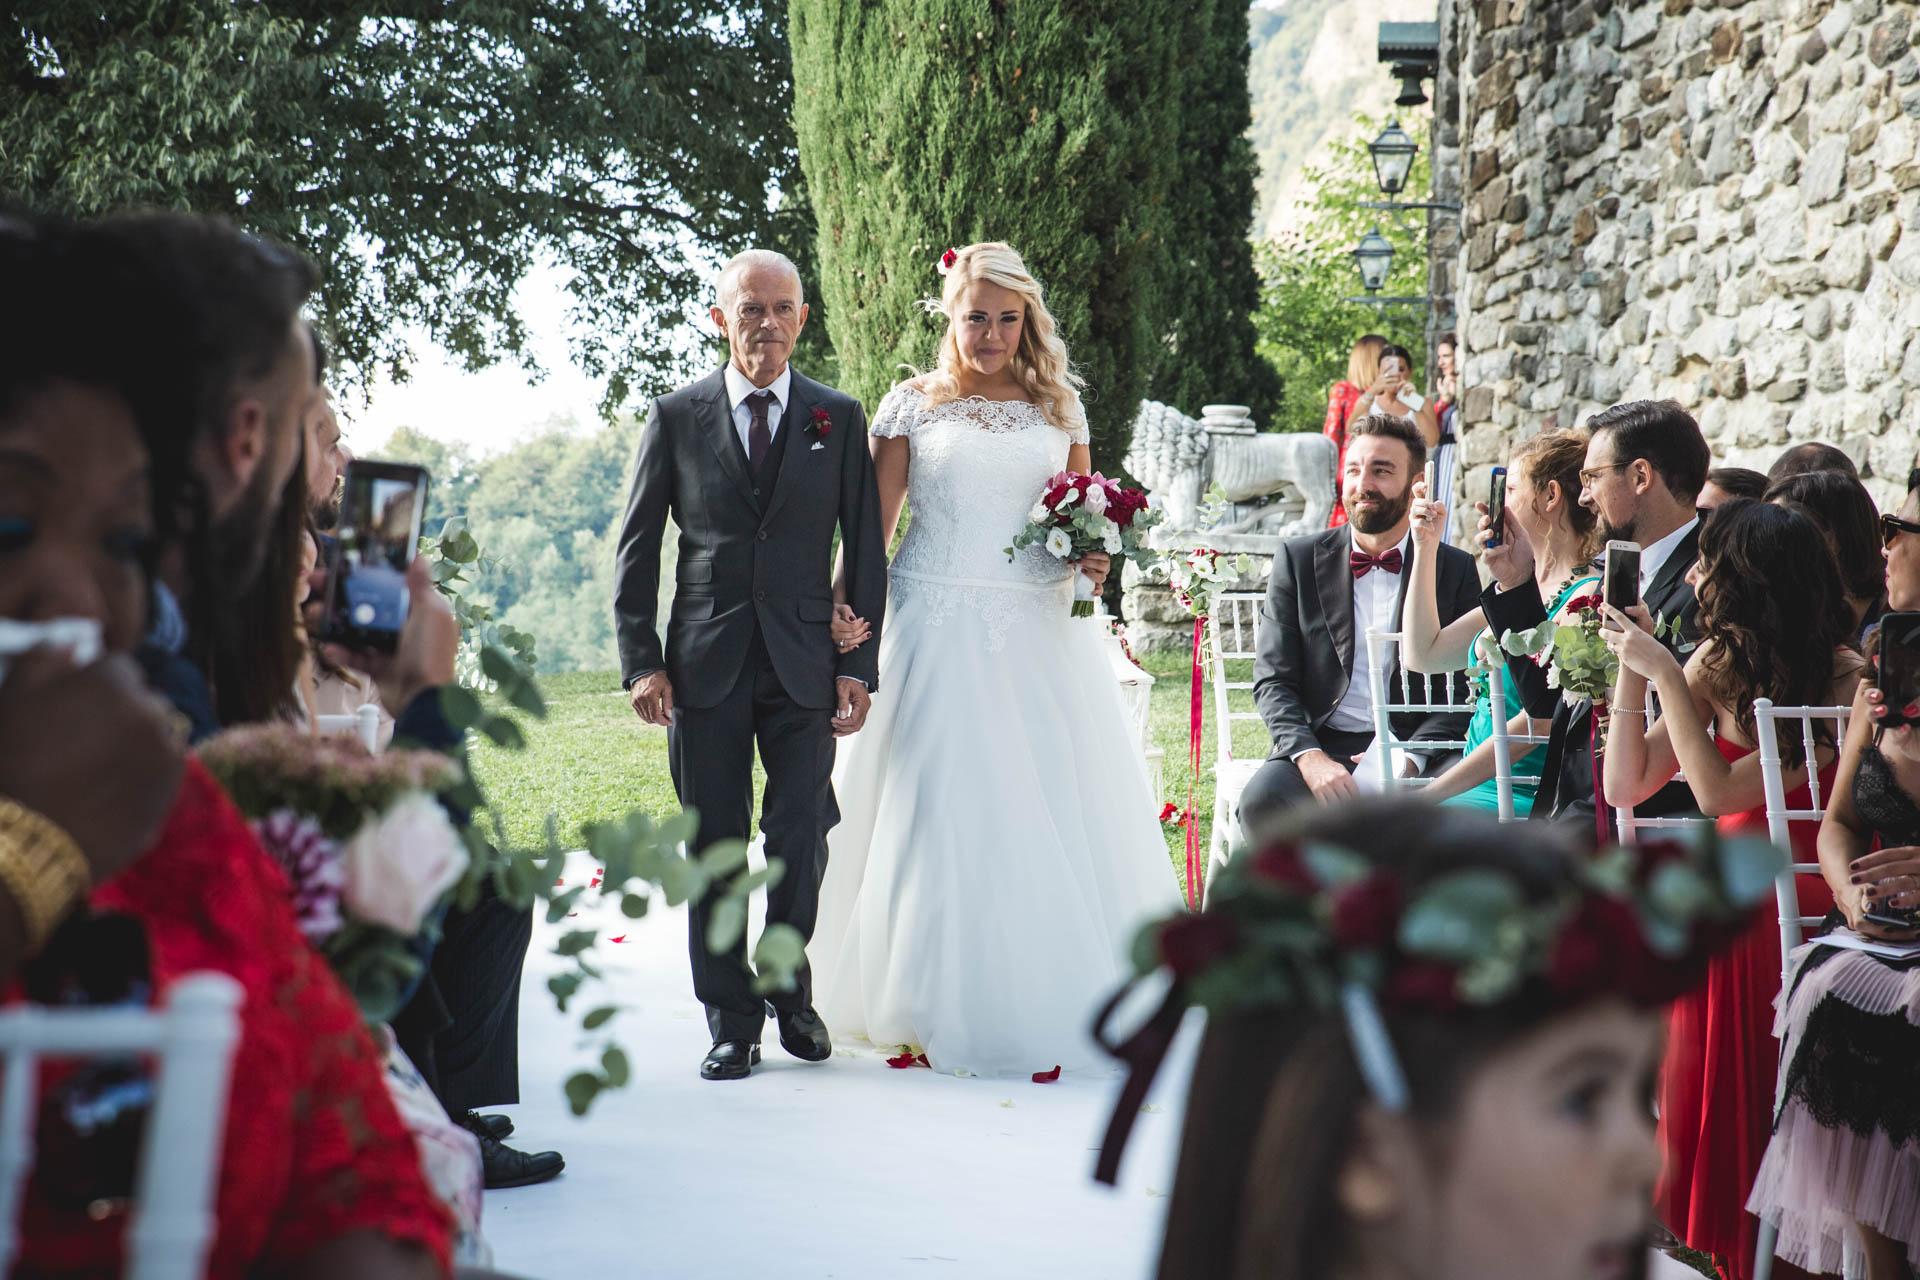 sposa papà cerimonia invitati